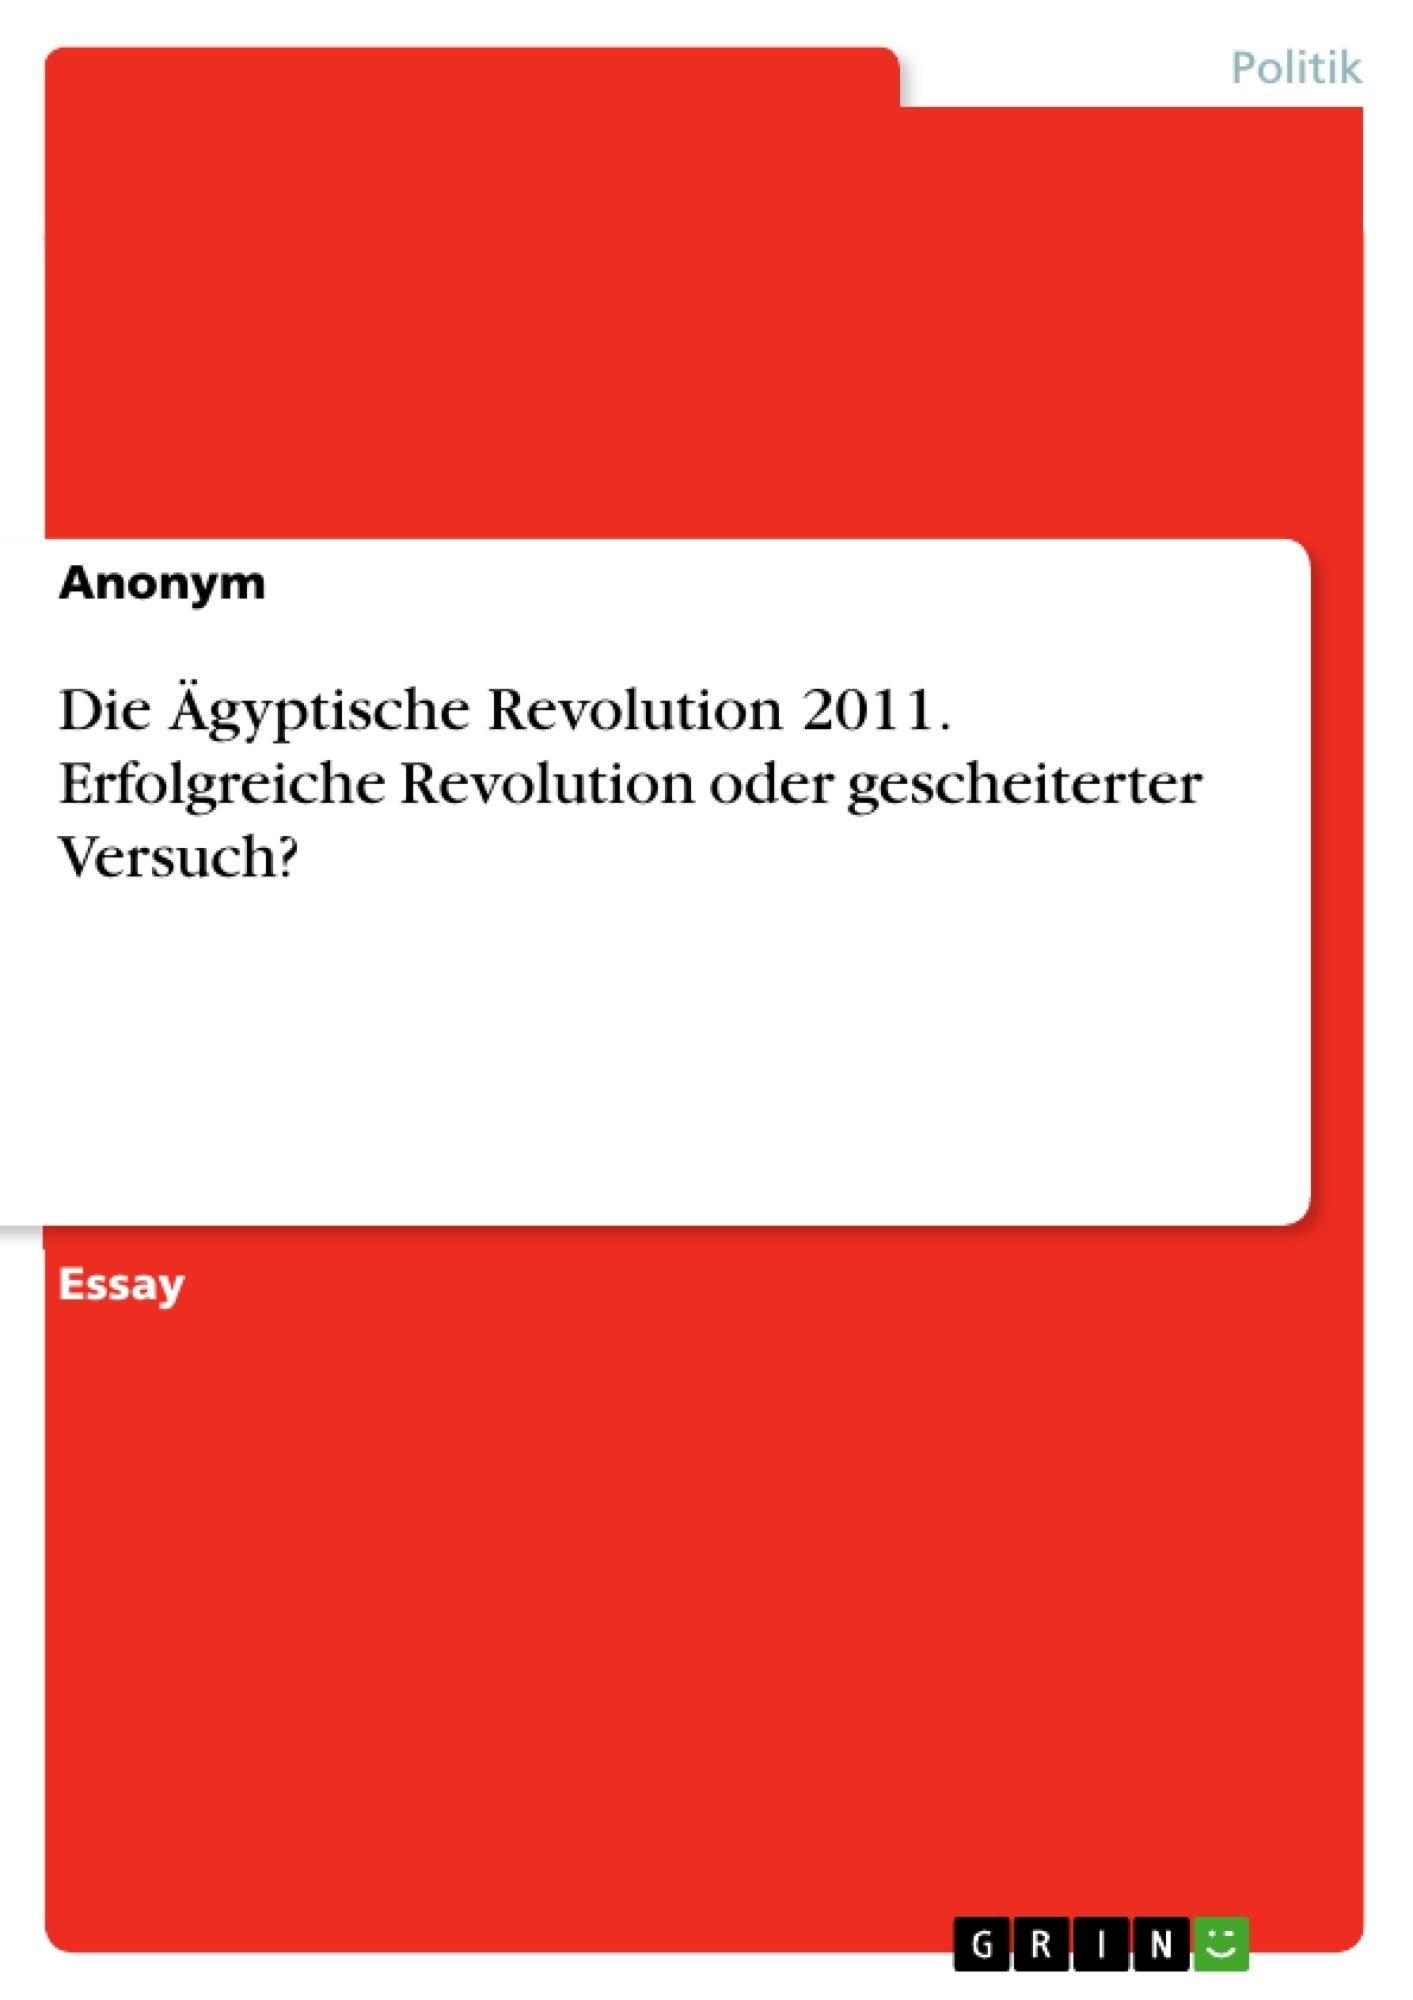 Titel: Die Ägyptische Revolution 2011. Erfolgreiche Revolution oder gescheiterter Versuch?